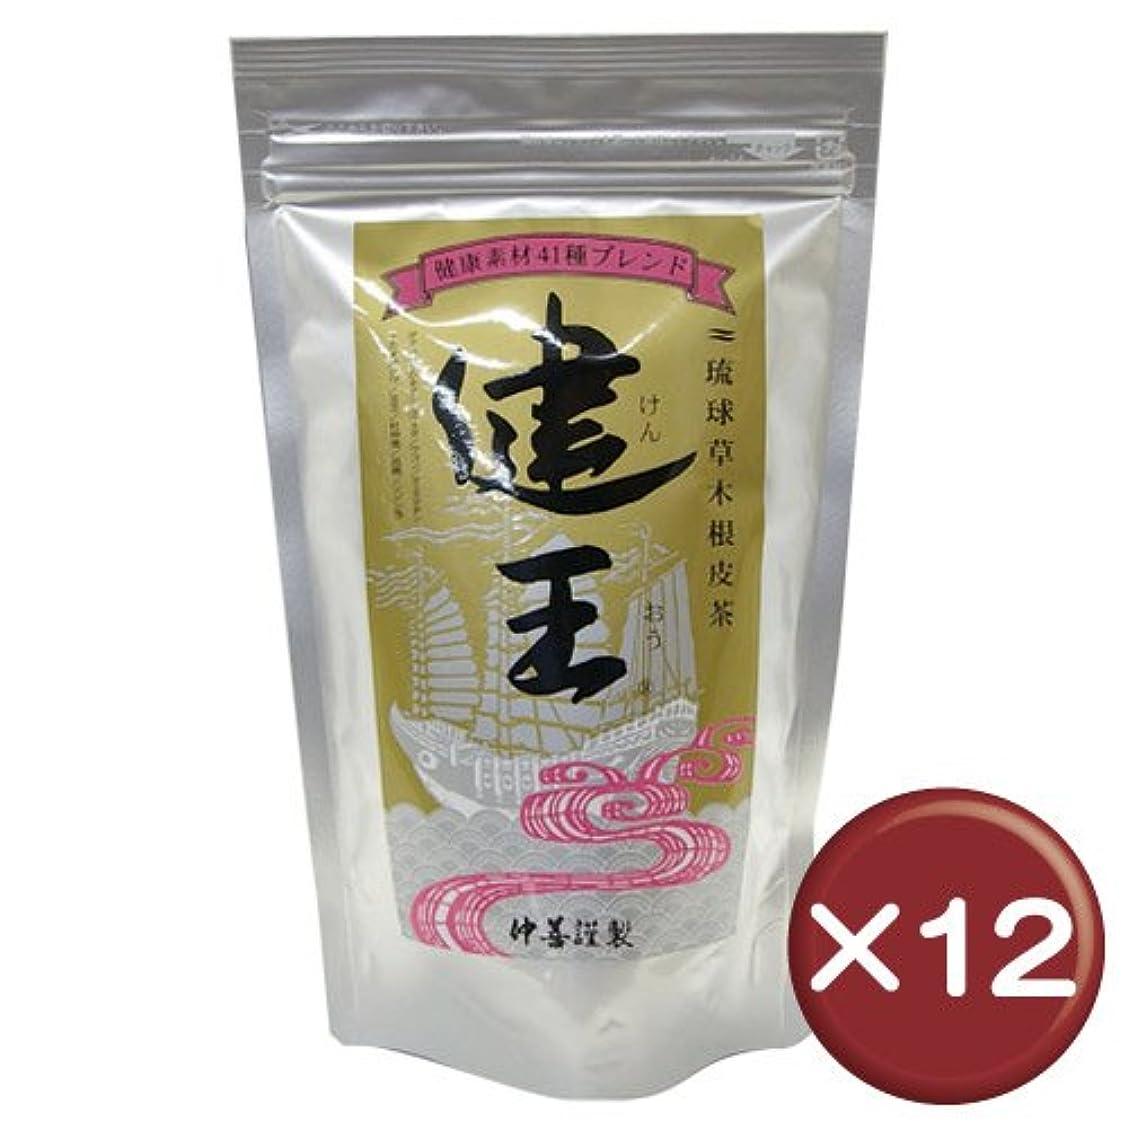 分析的ドメイン保存する琉球草木根皮茶 健王 ティーバッグ 2g×30包 12袋セット